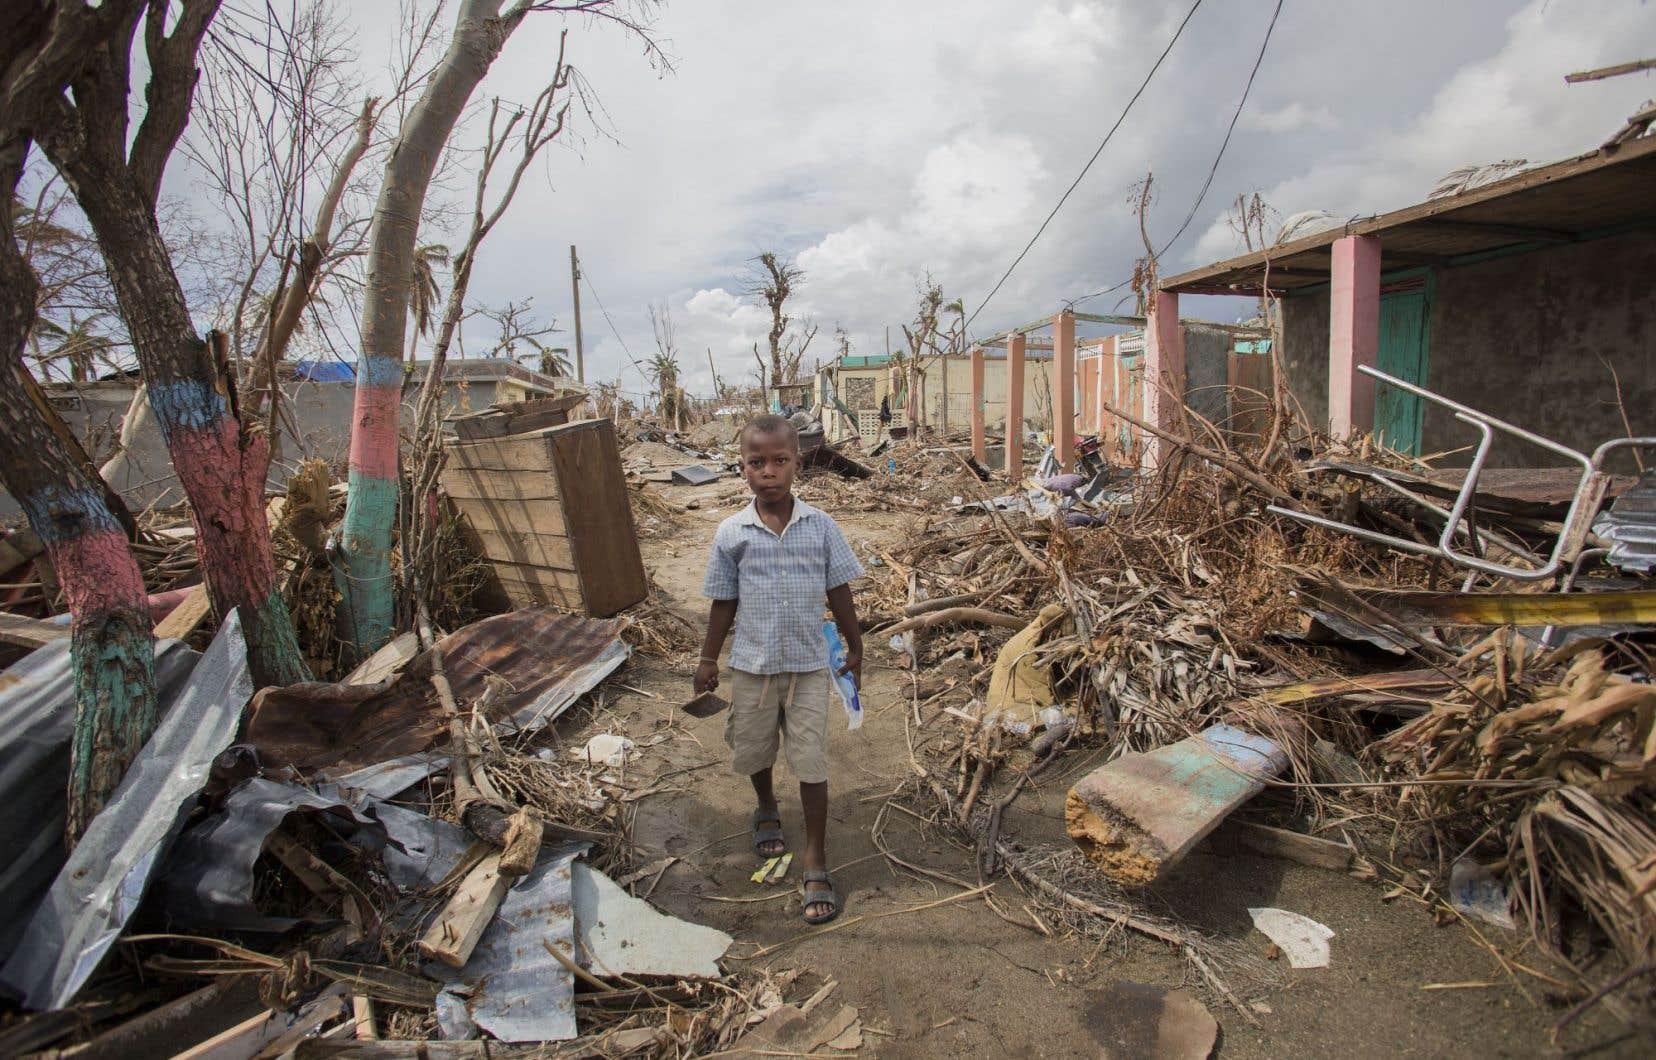 Cet enfant se fraie un chemin au milieu des débris que la mer a transportés dans les rues du village de Roche-à-Bateau.